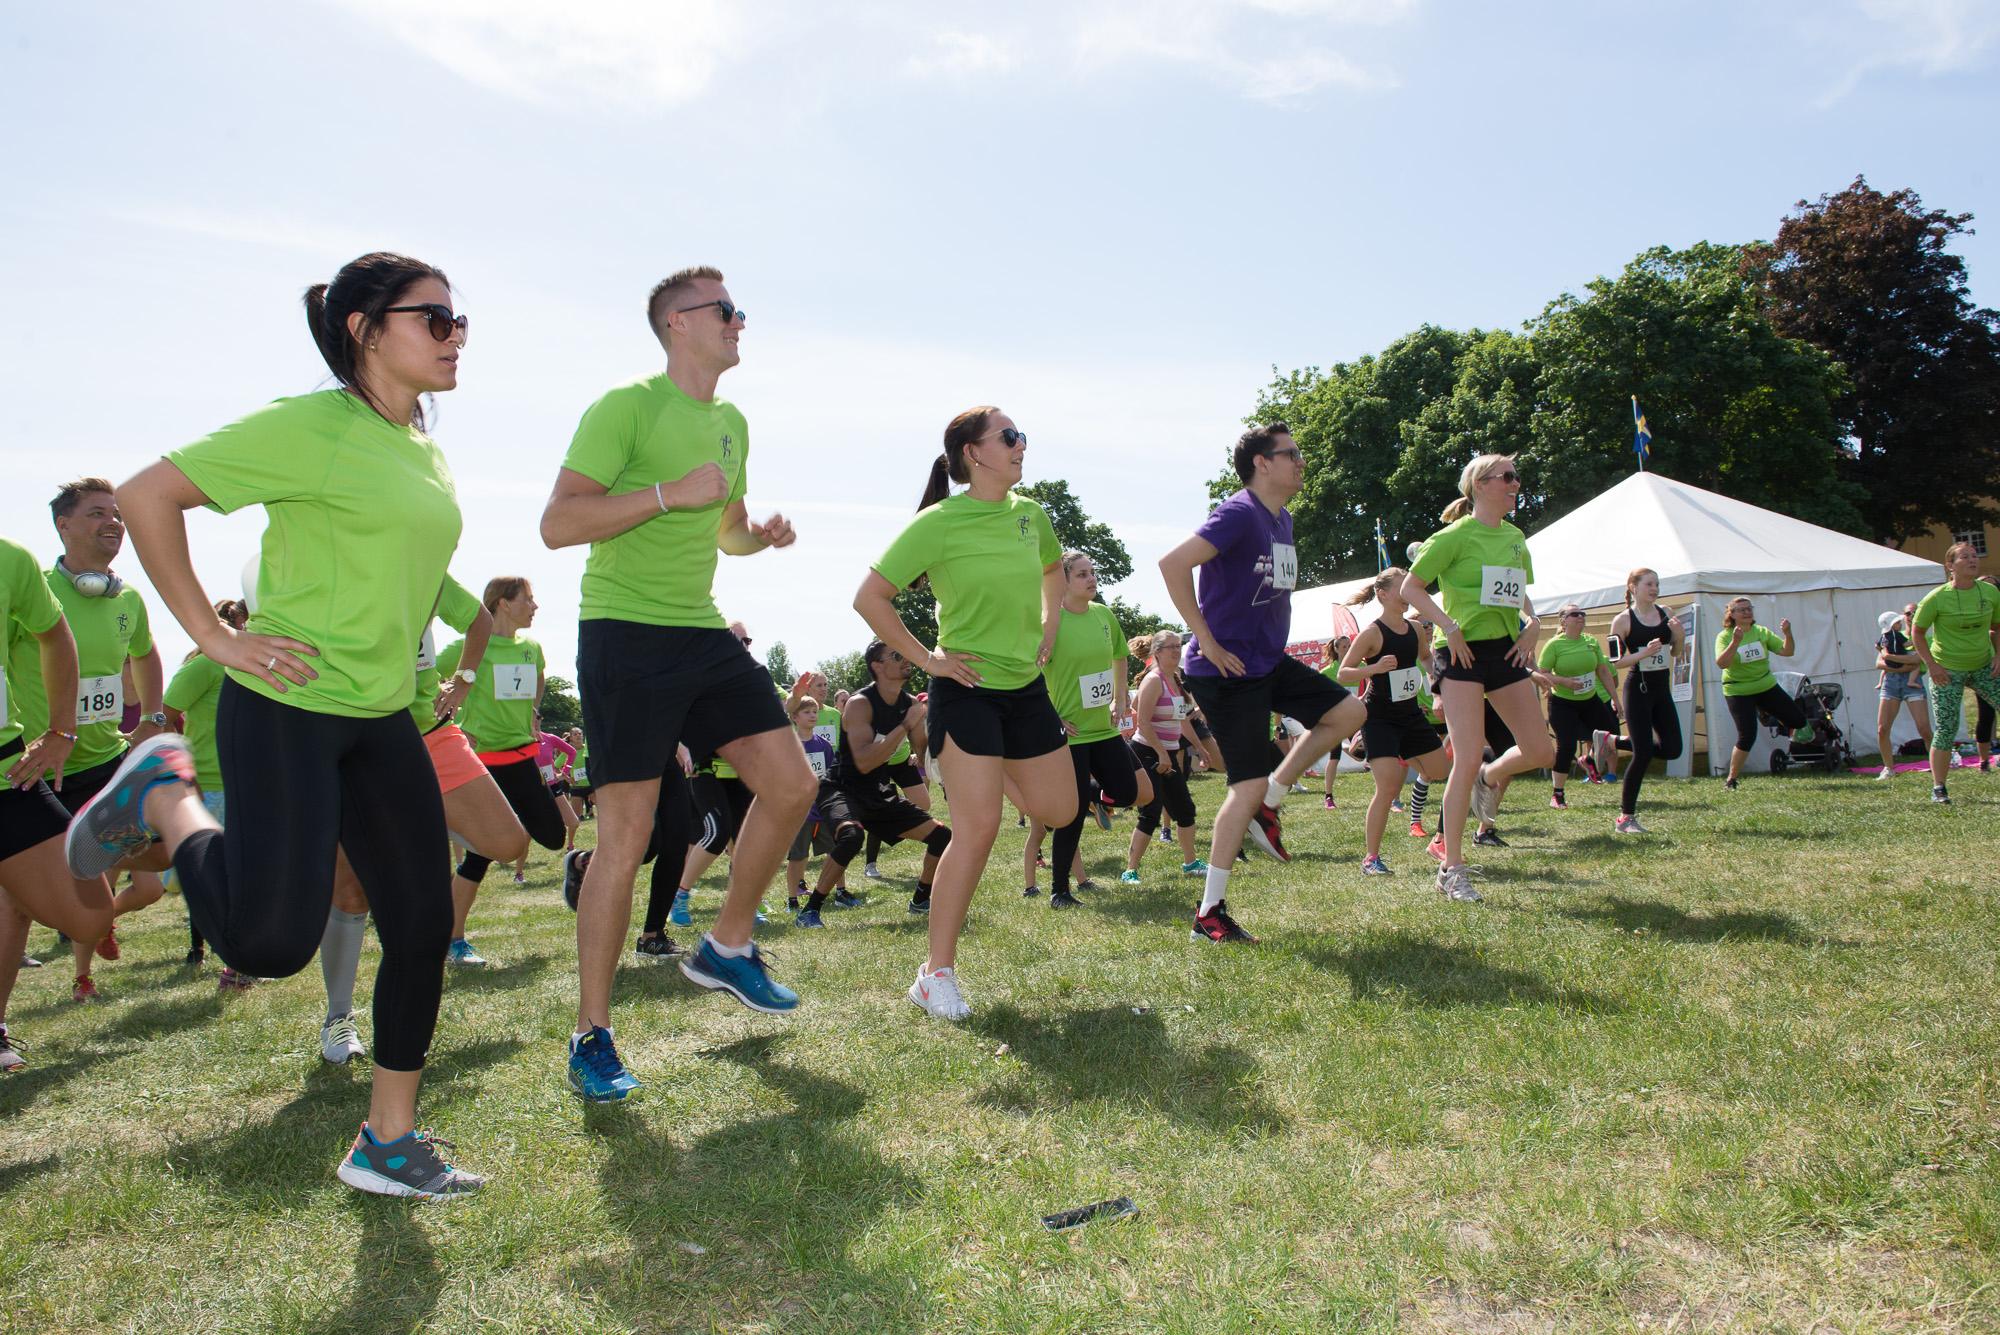 Alzheimerloppet är ett motionslopp som anordnas för att uppmärksamma Alzheimers sjukdom och samla in pengar till forskningen.